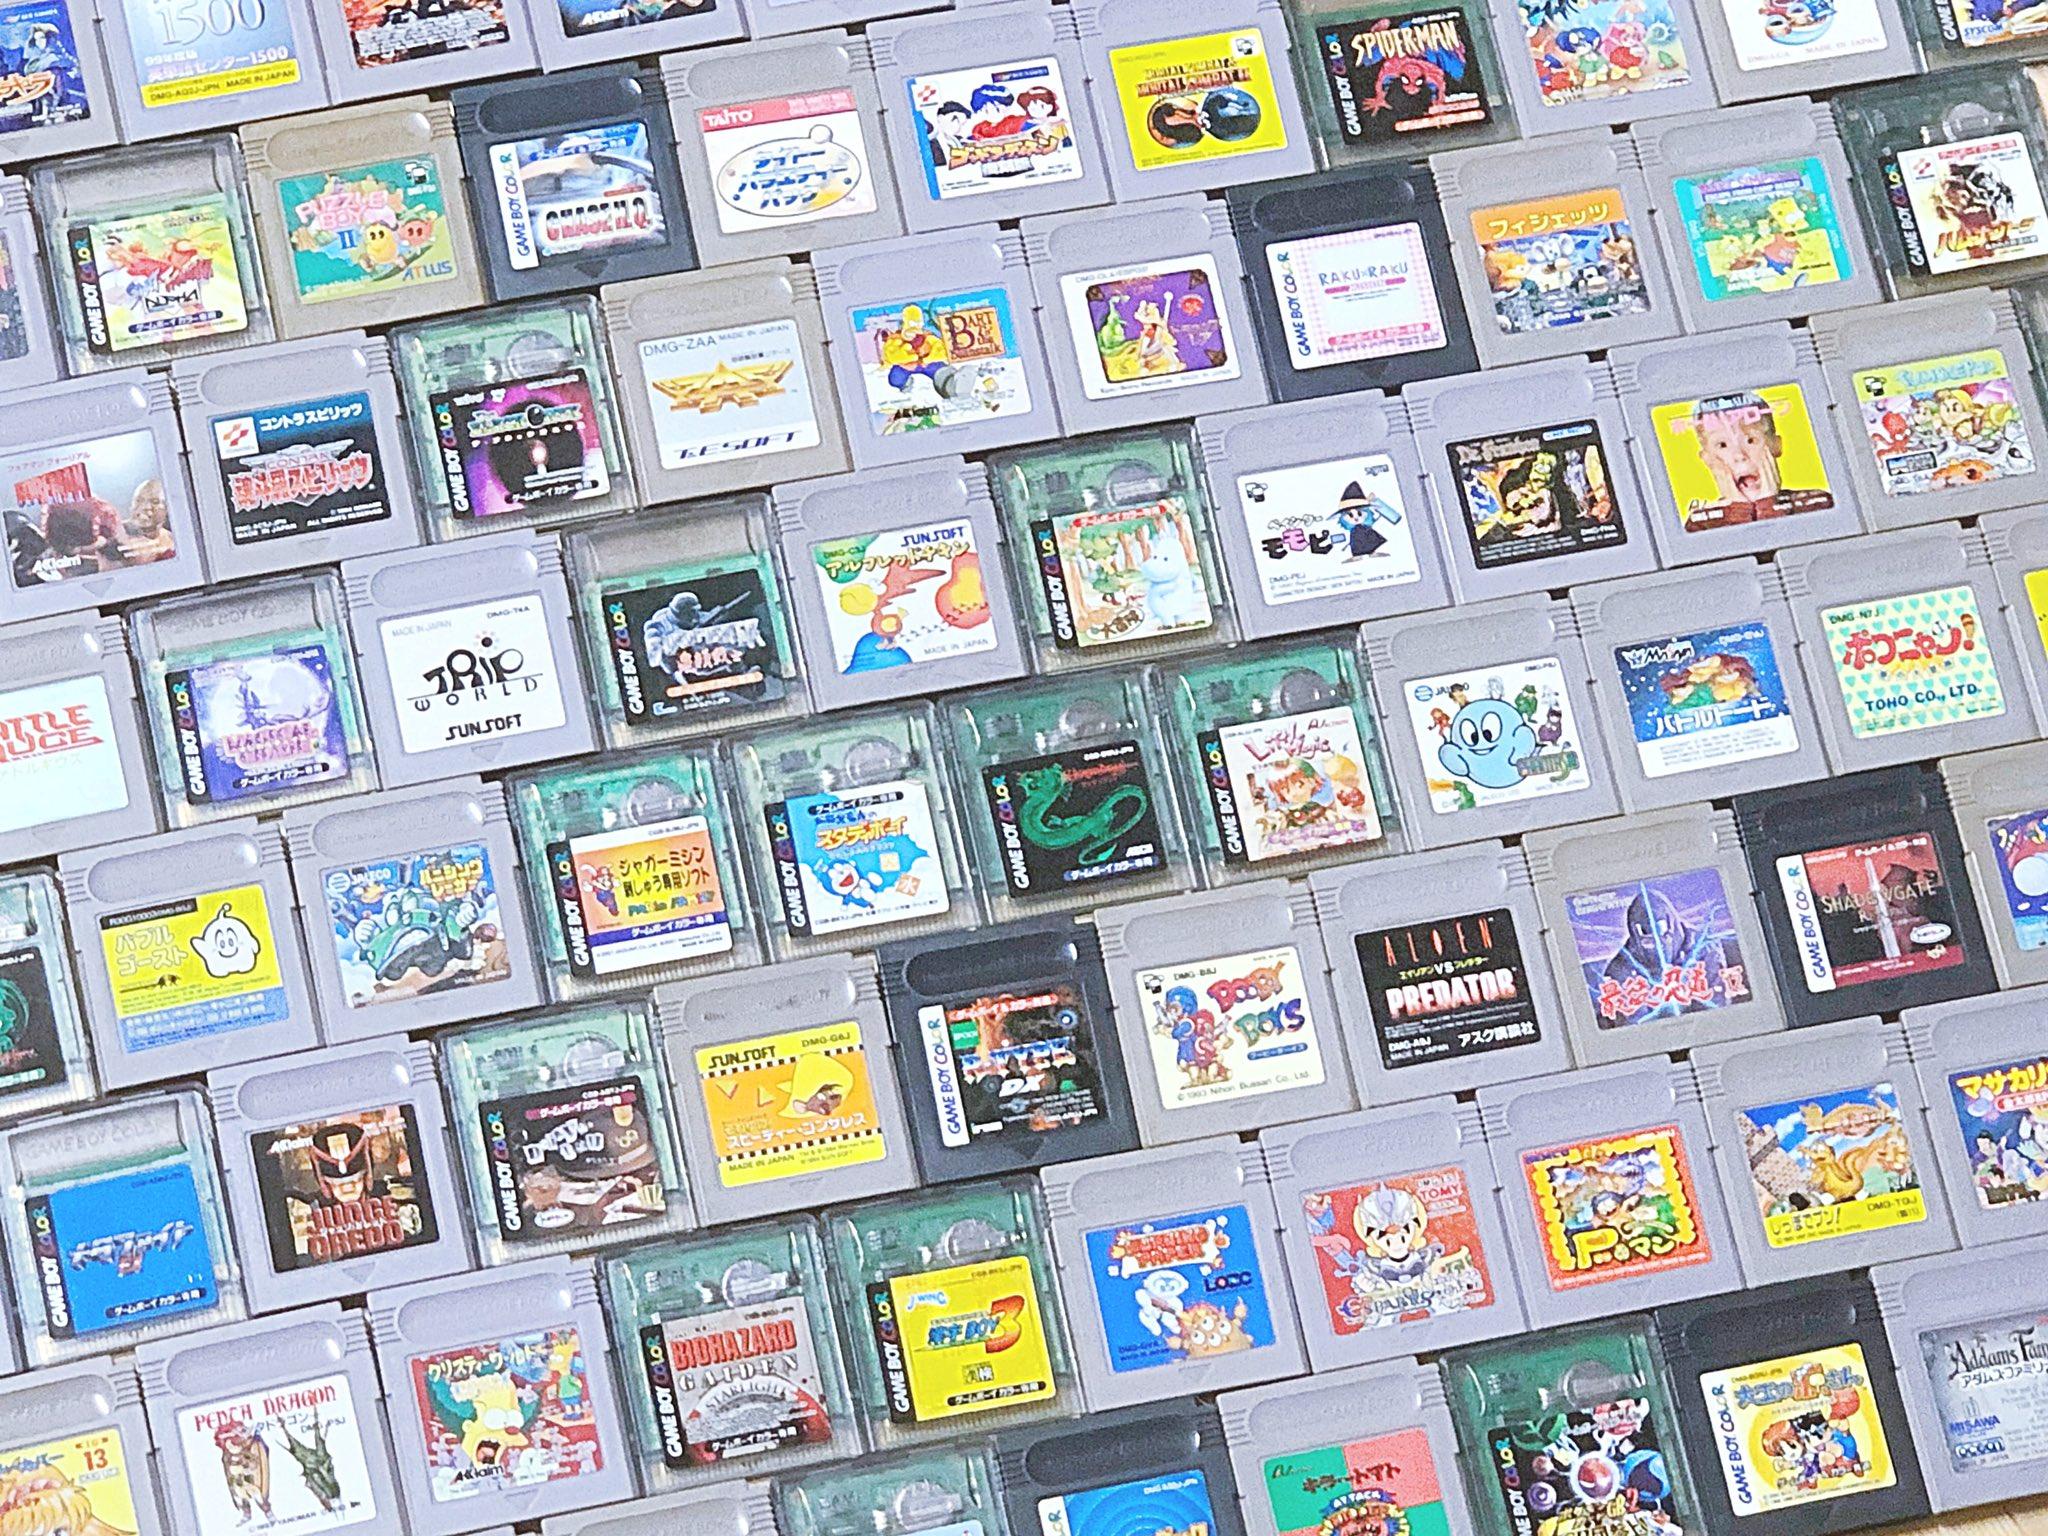 日本高玩伟业达成 GB已上市全1244部游戏收集完成